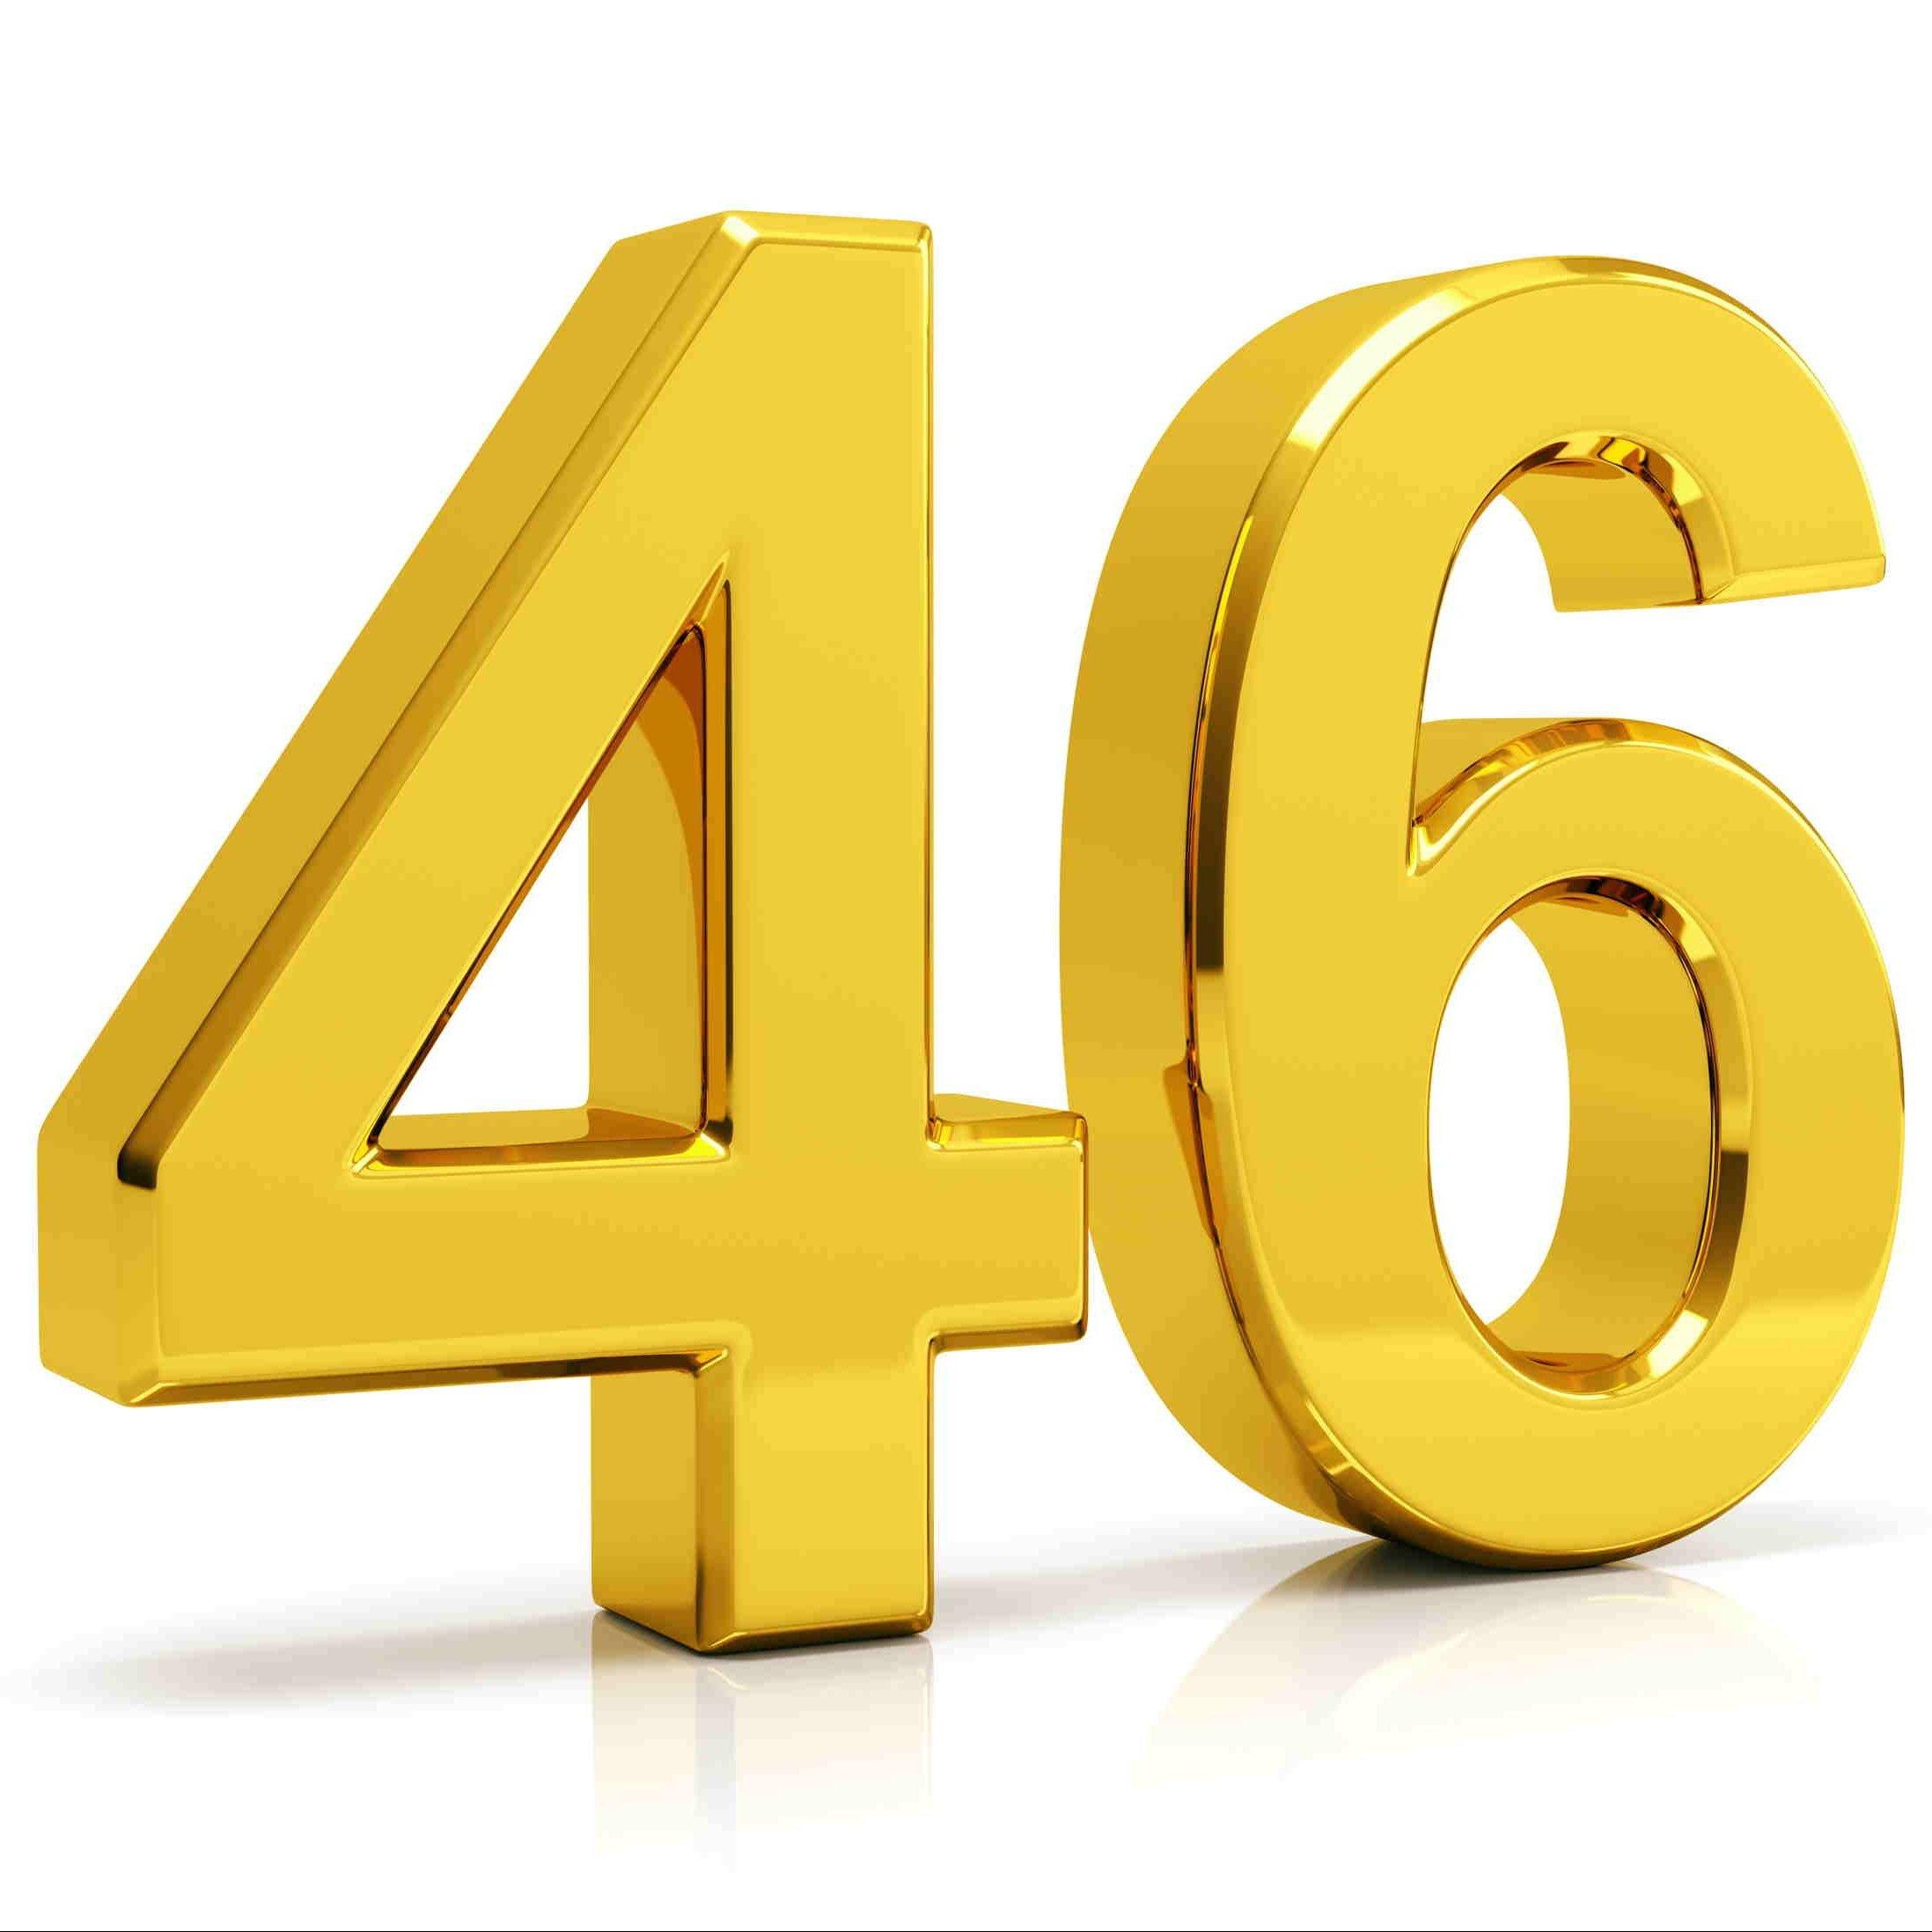 Números en inglés 46